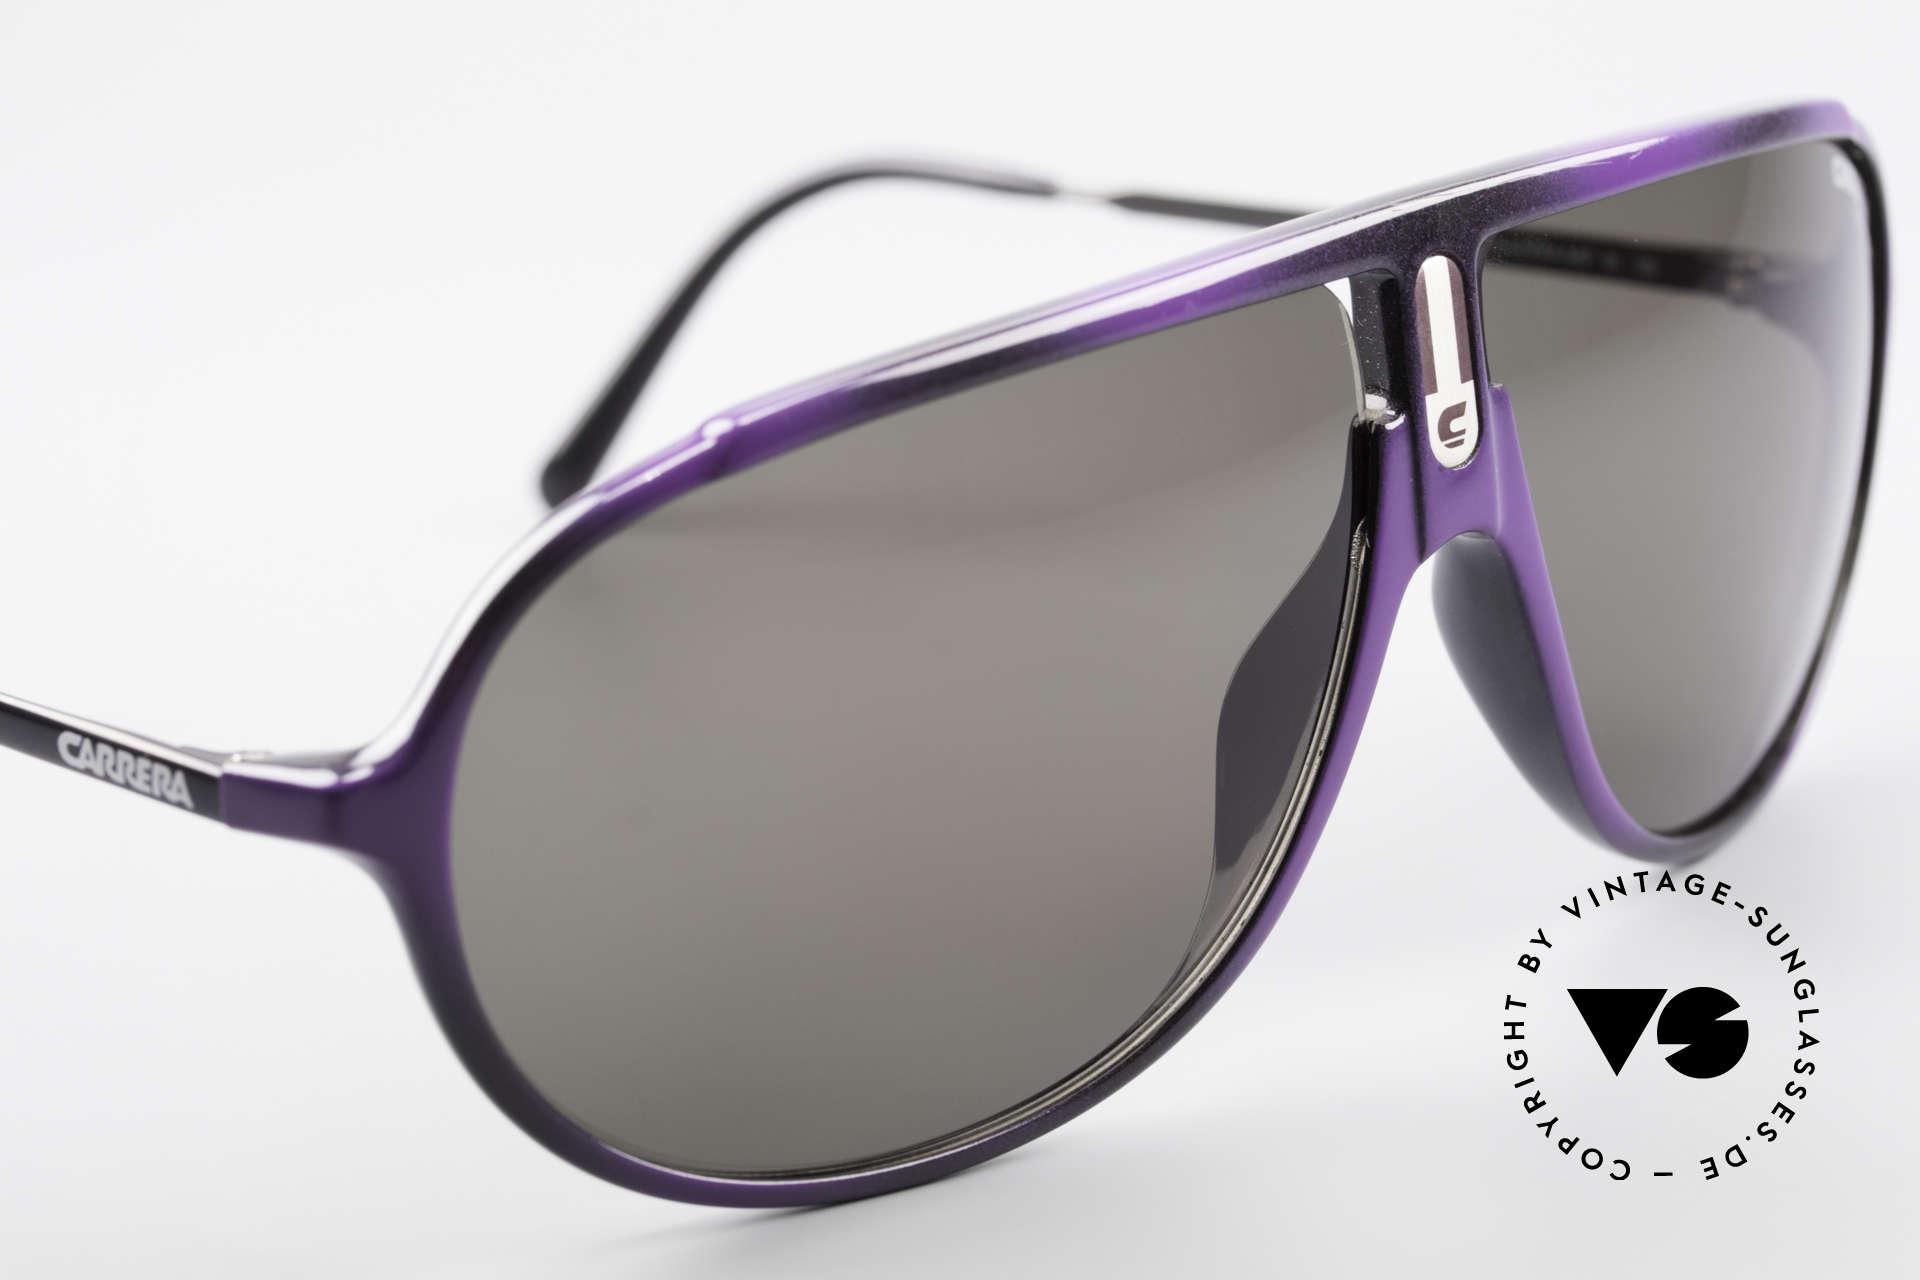 Carrera 5467 Carbon Fibre Brille Kohlefaser, ungetragen (wie alle unsere vintage 80er Carrera), Passend für Herren